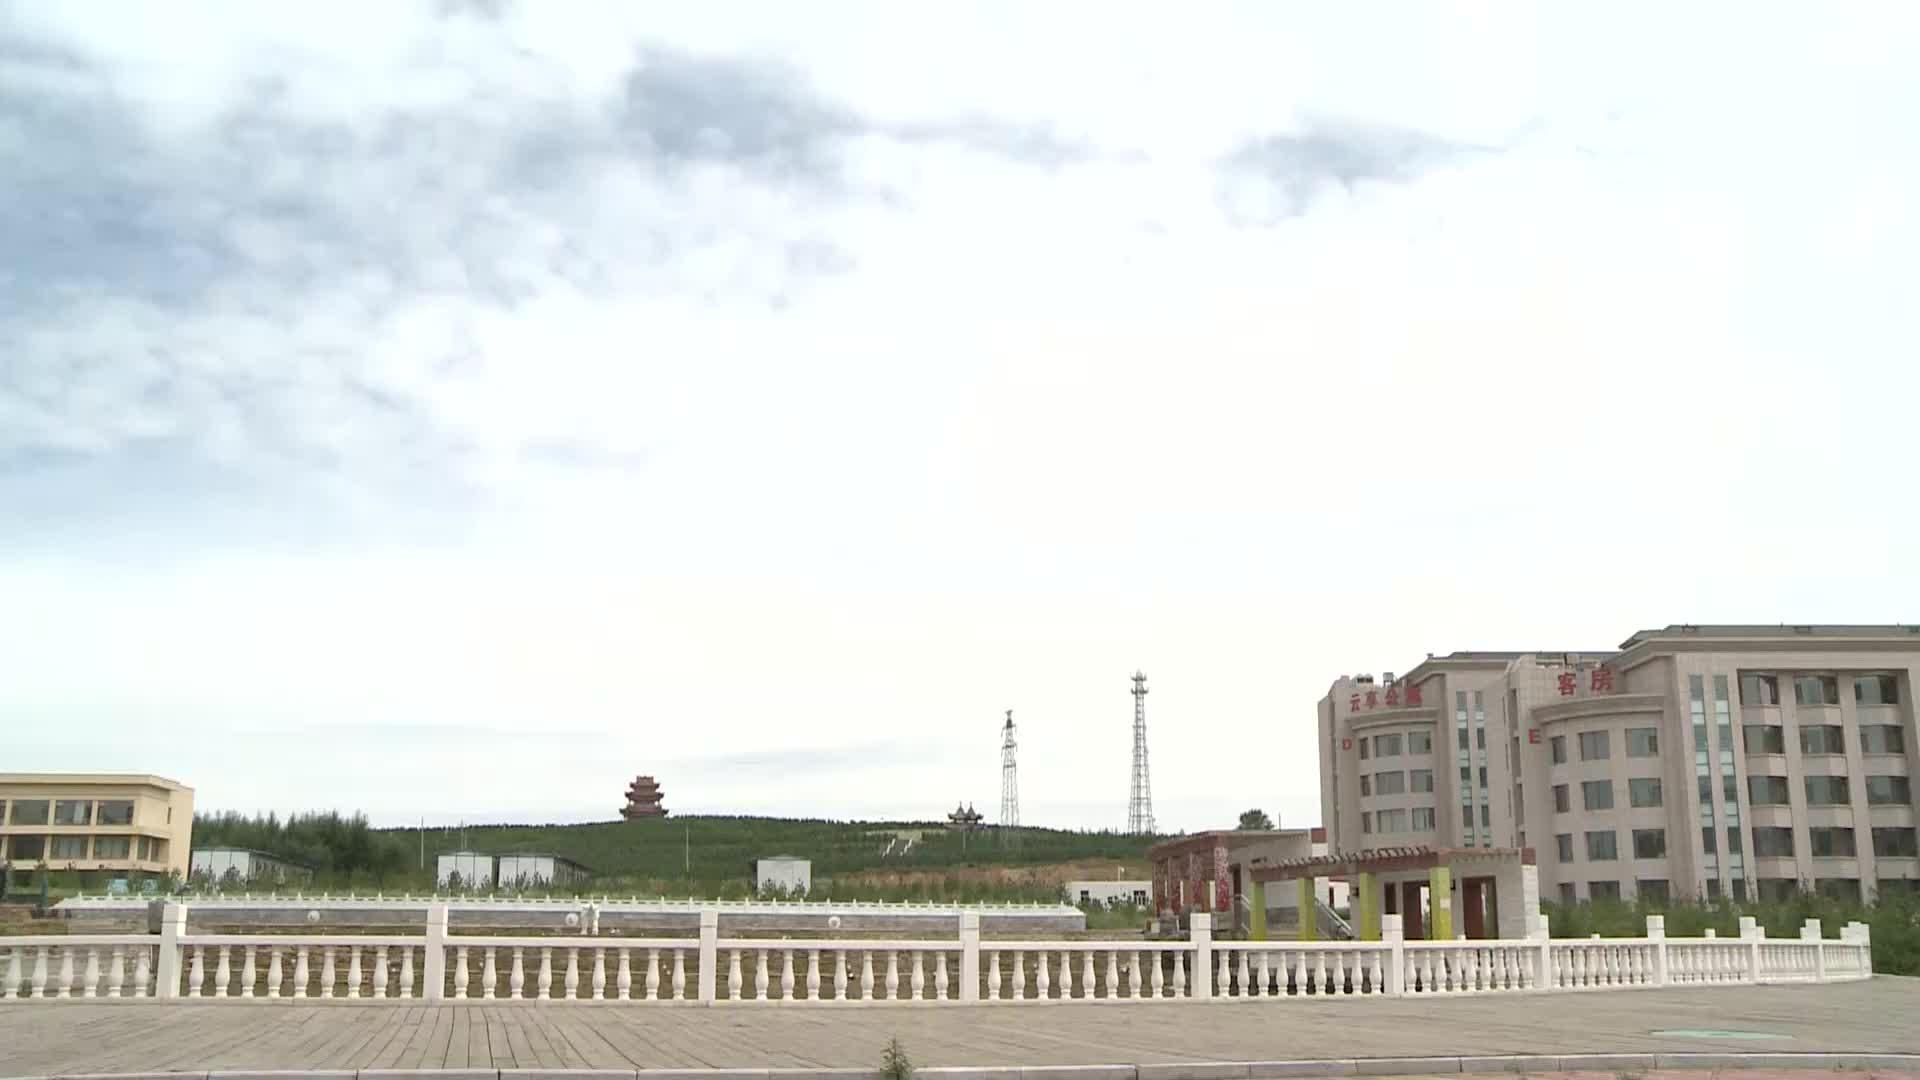 第七届全国行业职工桥牌赛比赛场地及赛前准备会